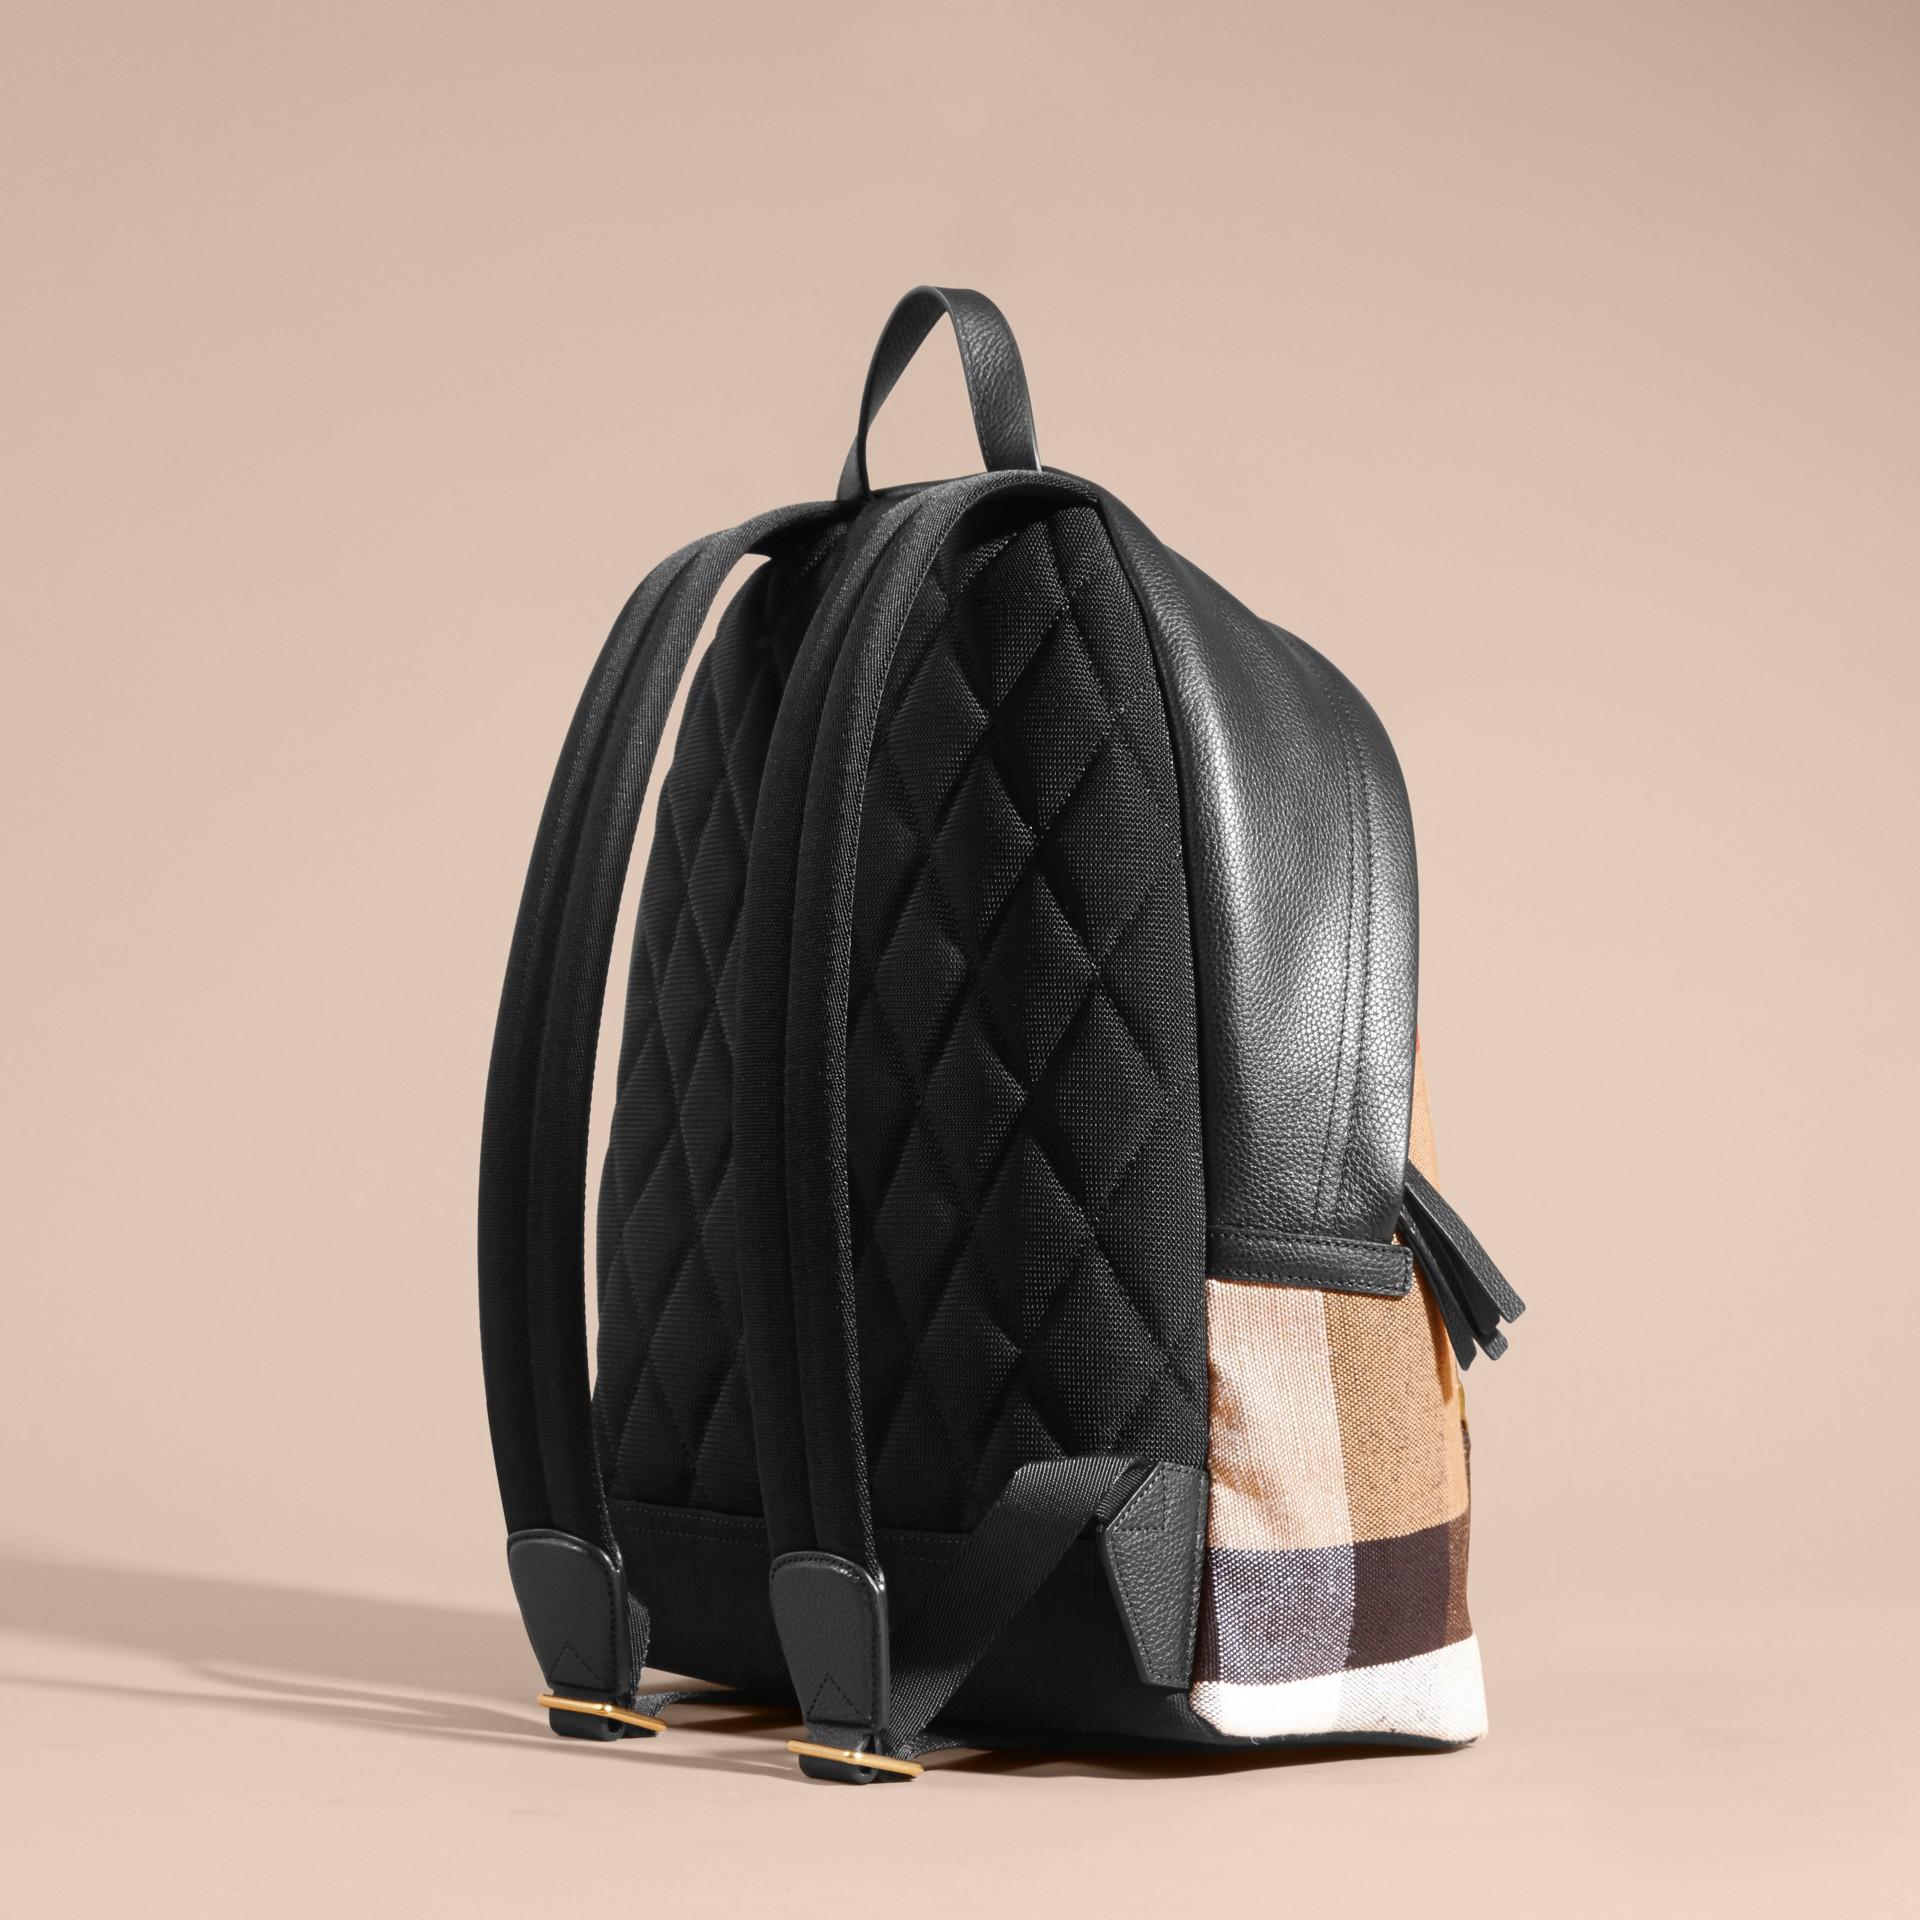 Schwarz Rucksack aus Canvas Check-Gewebe mit Lederbesatz - Galerie-Bild 4